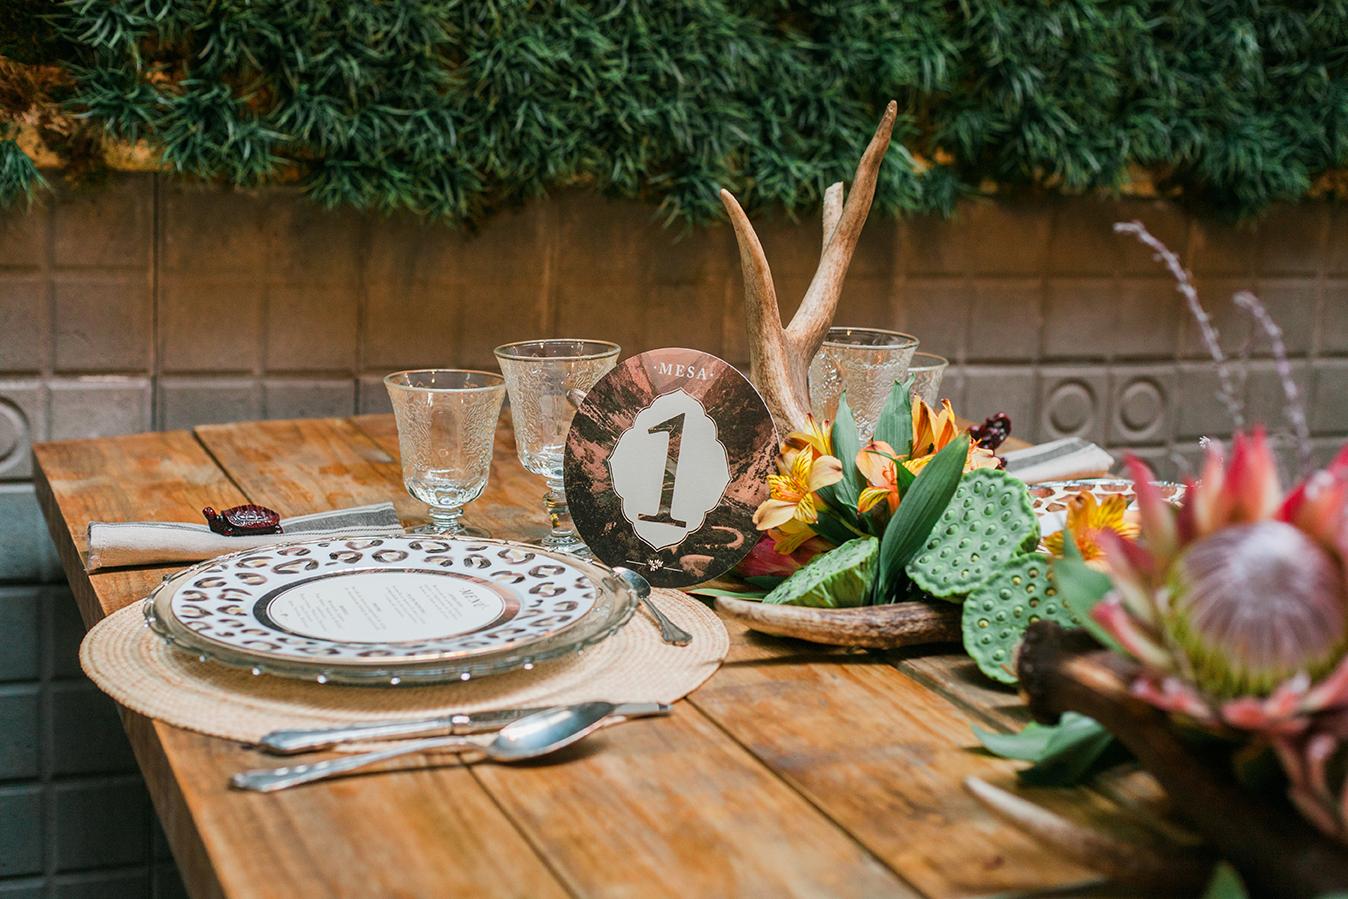 mesa-colonial-presume-de-boda-editorial-wedding-planners-madrid-spain-0020